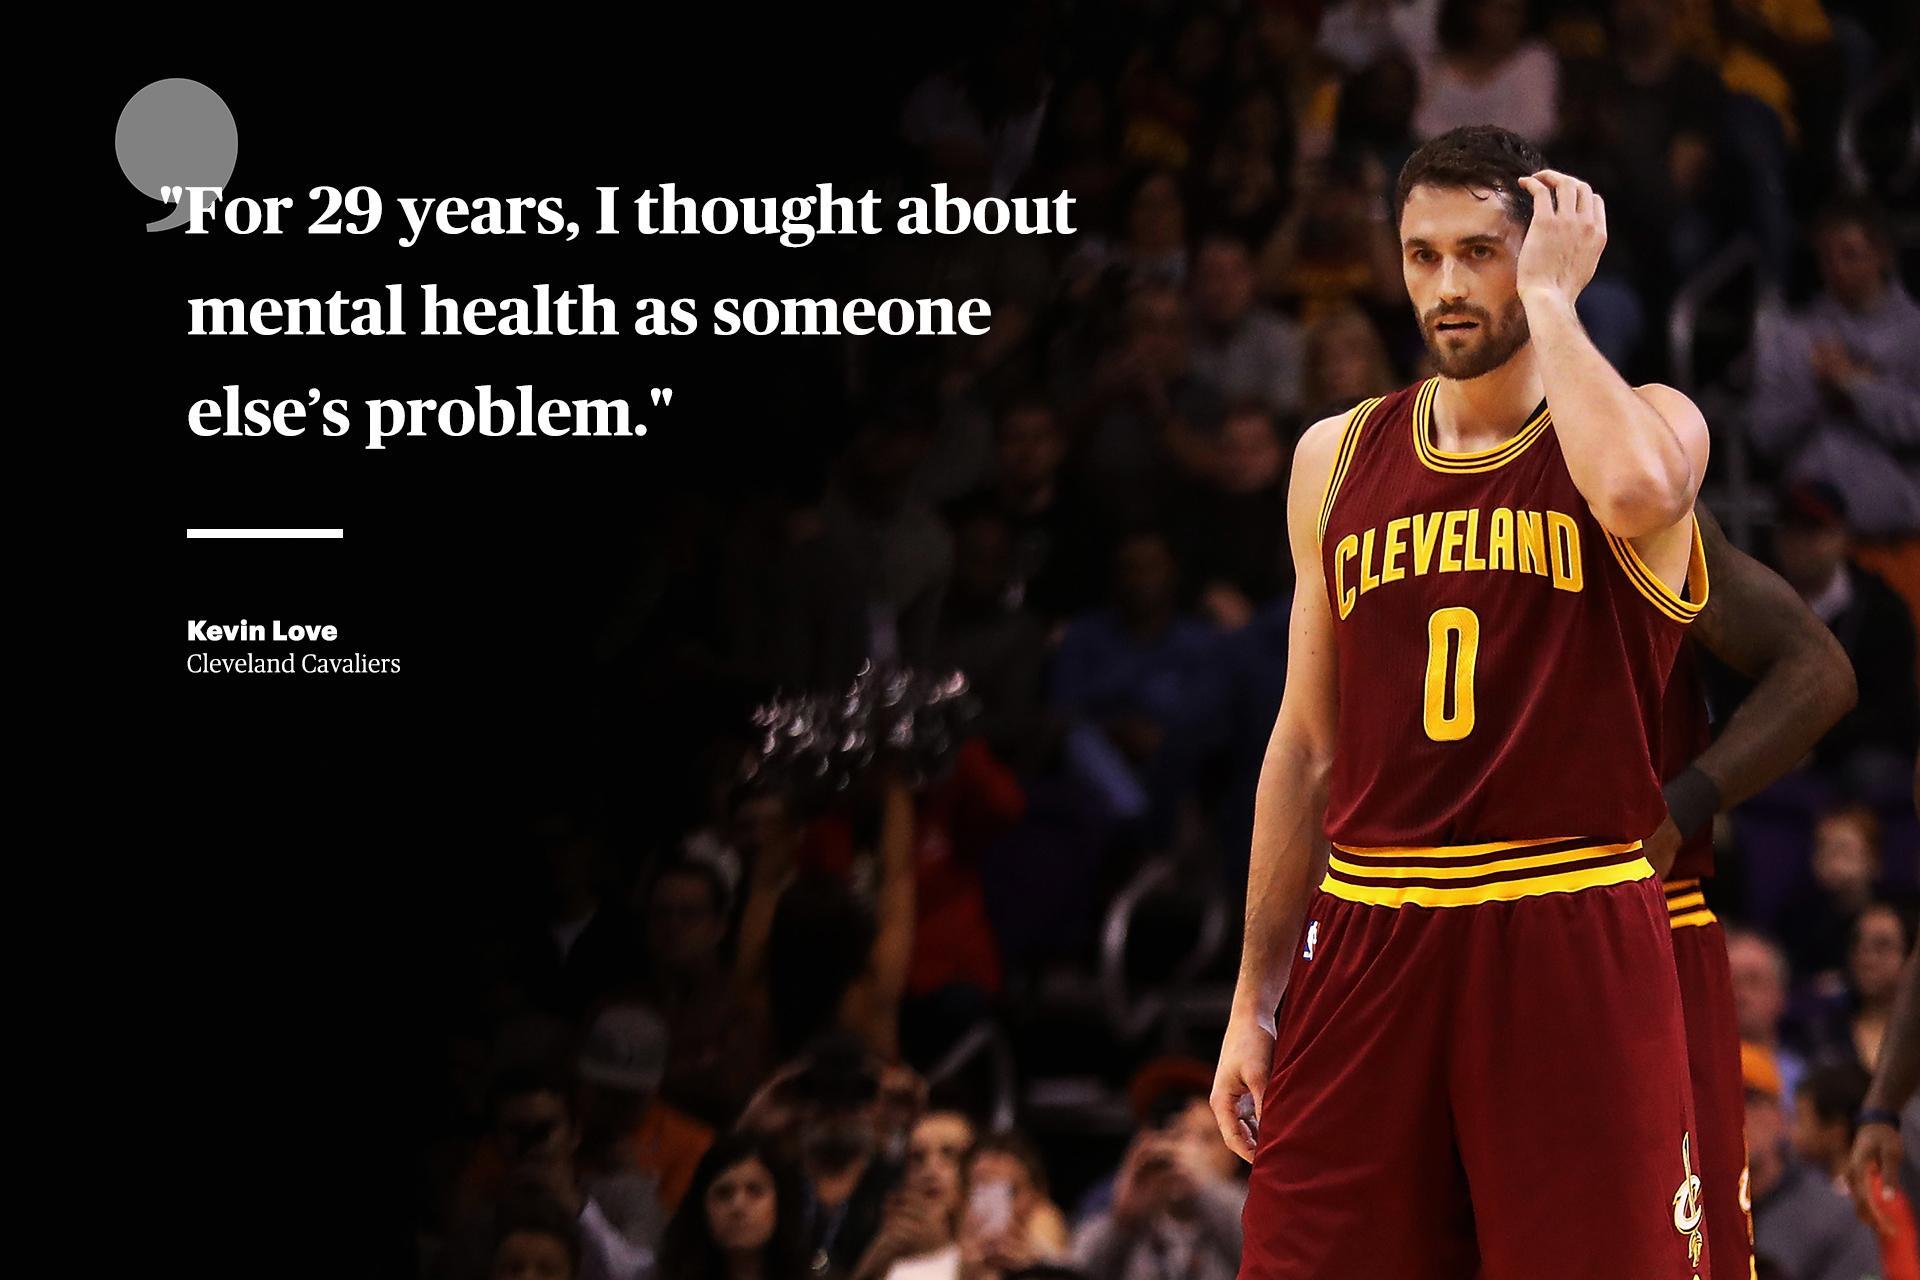 Мужчины плачут. Откуда у миллионеров из НБА берется депрессия